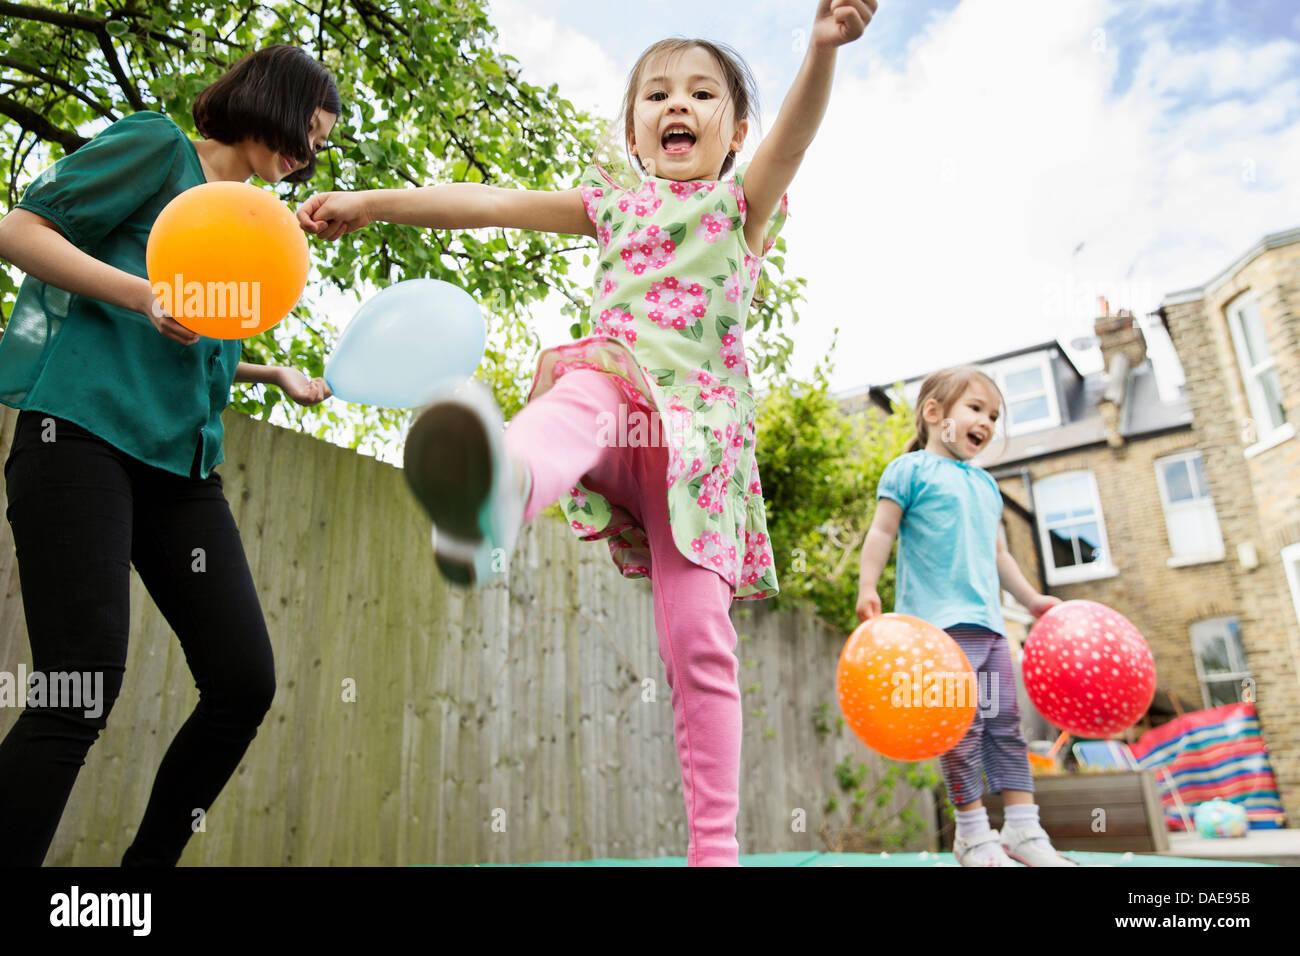 Mutter und Töchter spielen im Garten mit Luftballons Stockbild